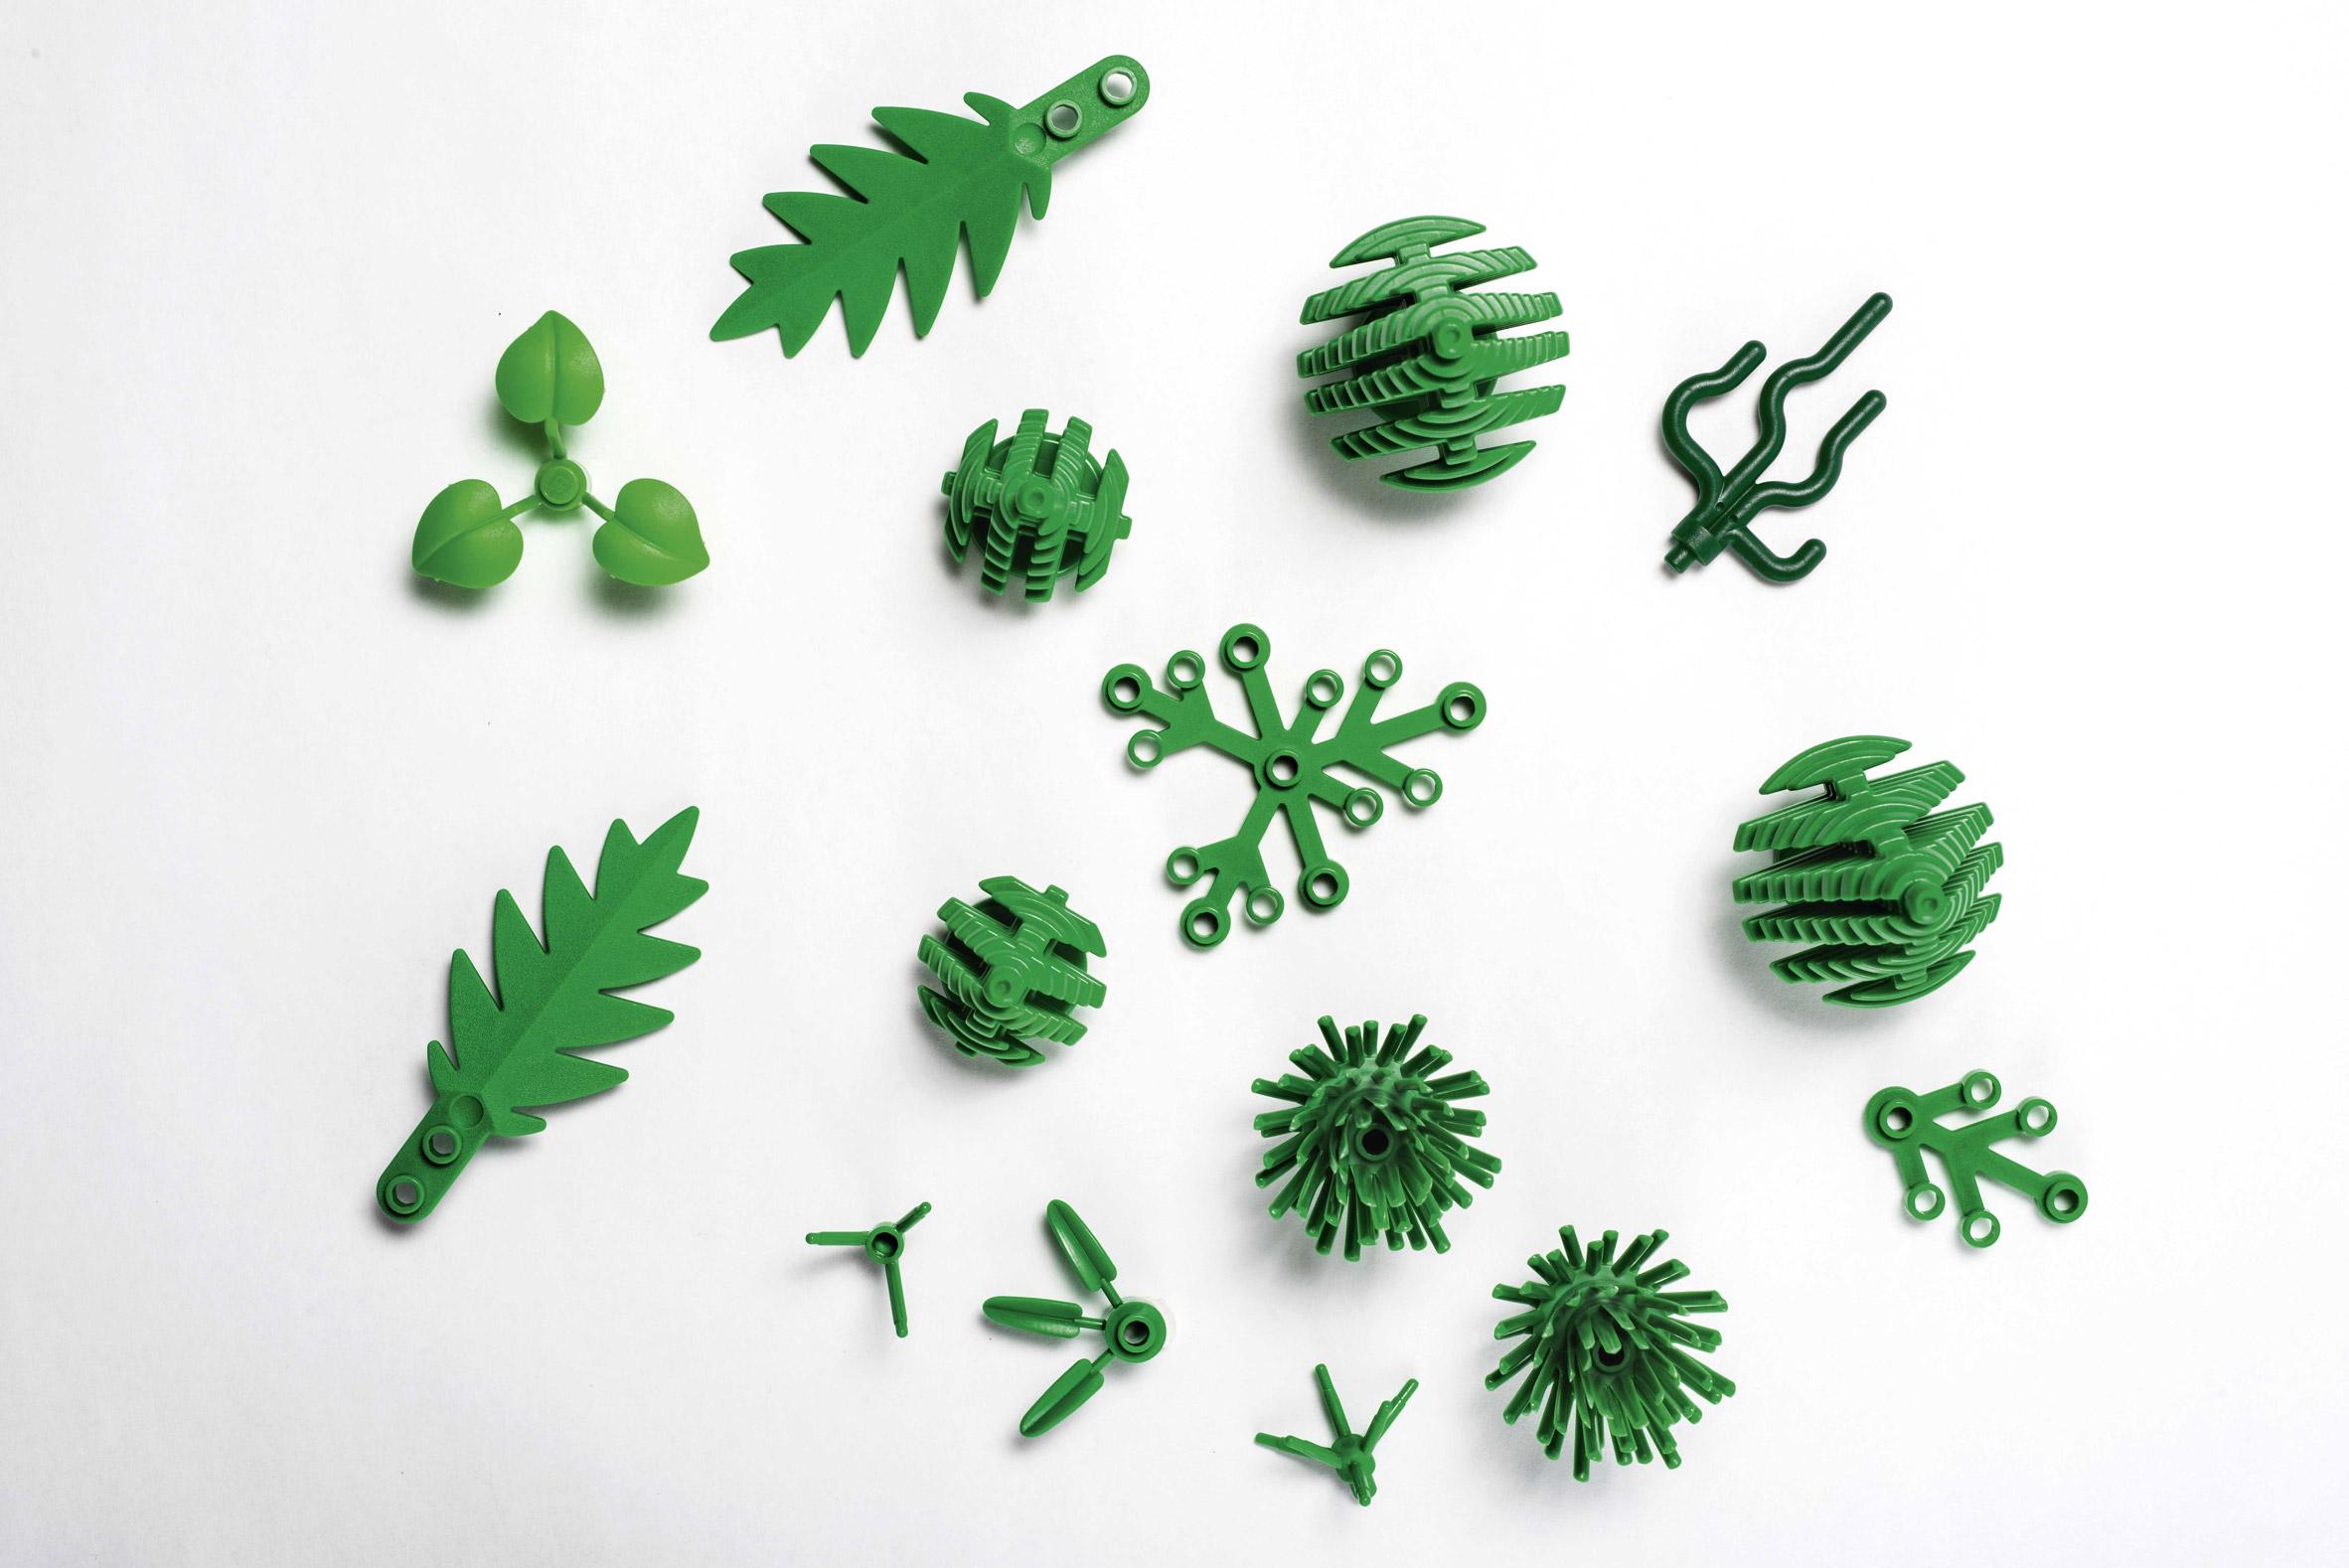 Lego produtos sustentáveis